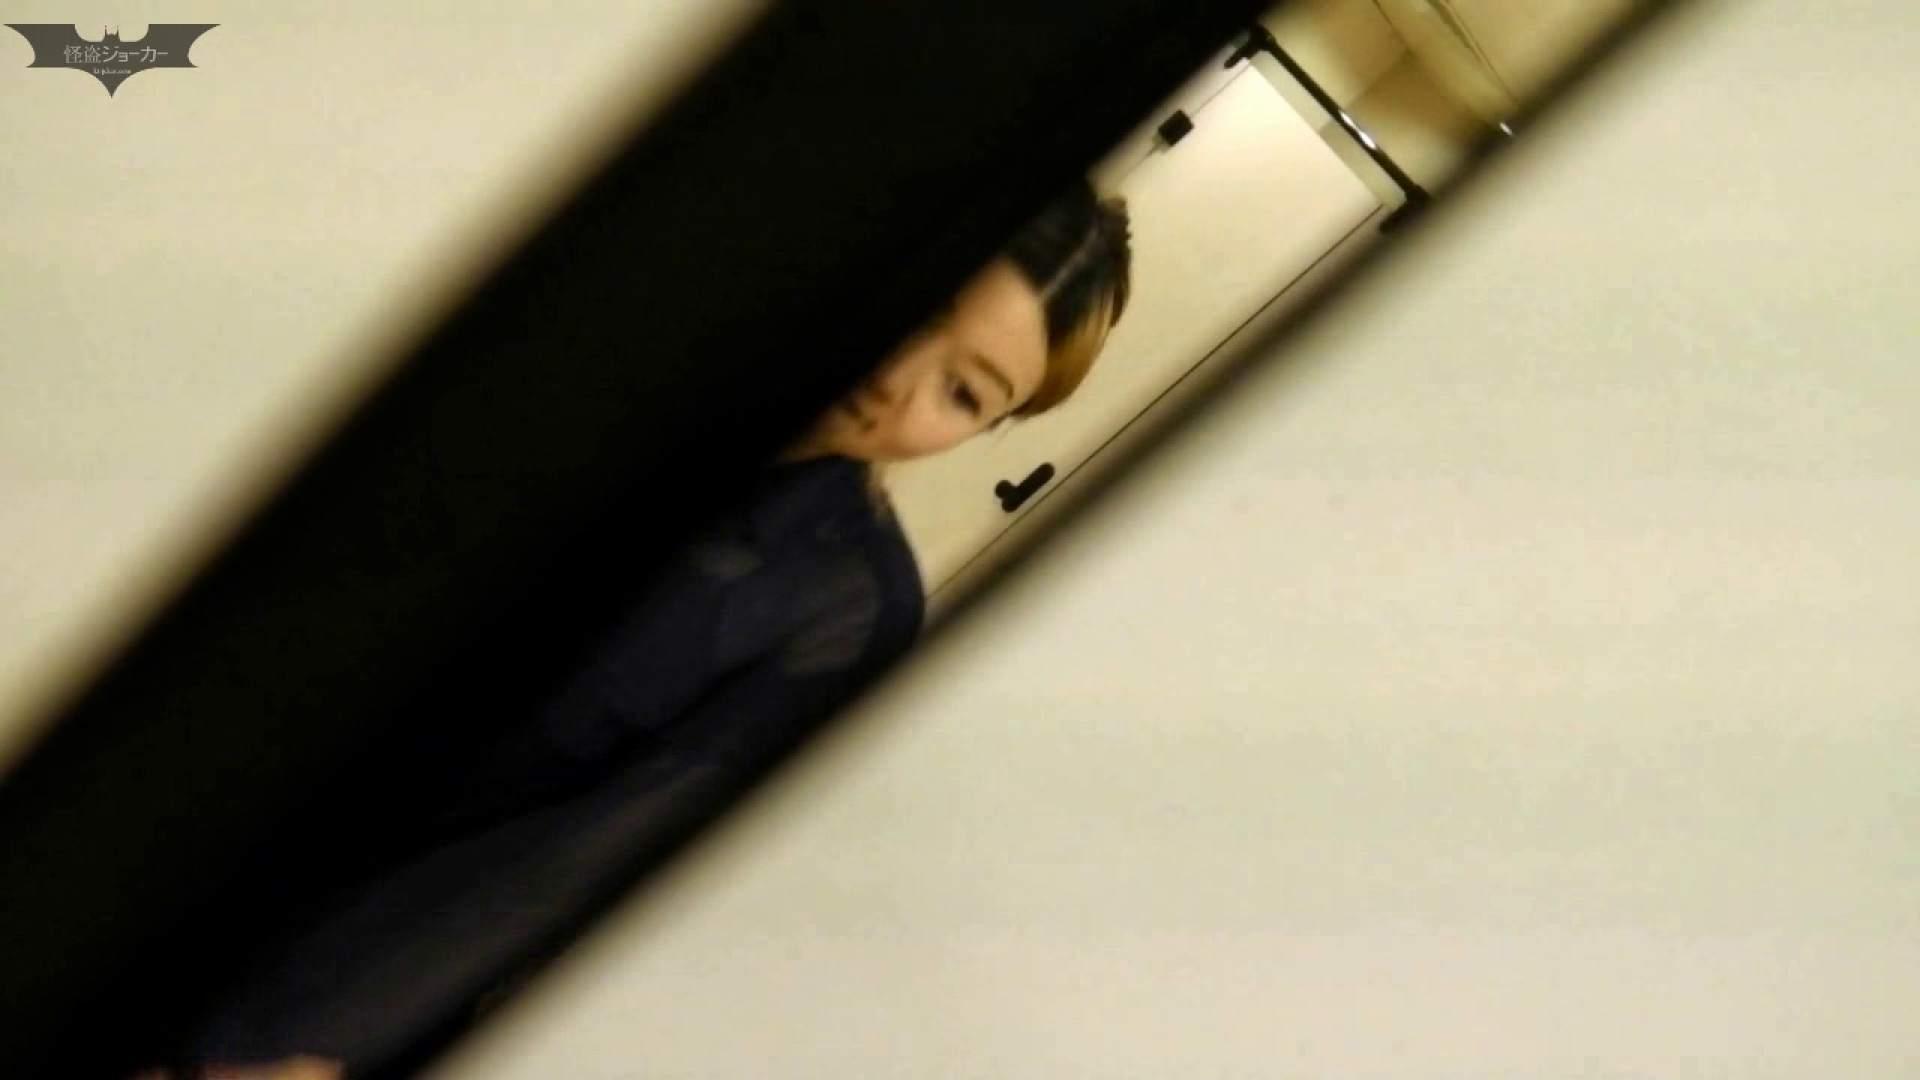 新世界の射窓 No61来ました!「ビジョビジョ」の美女達が・・・ 丸見え えろ無修正画像 104枚 75